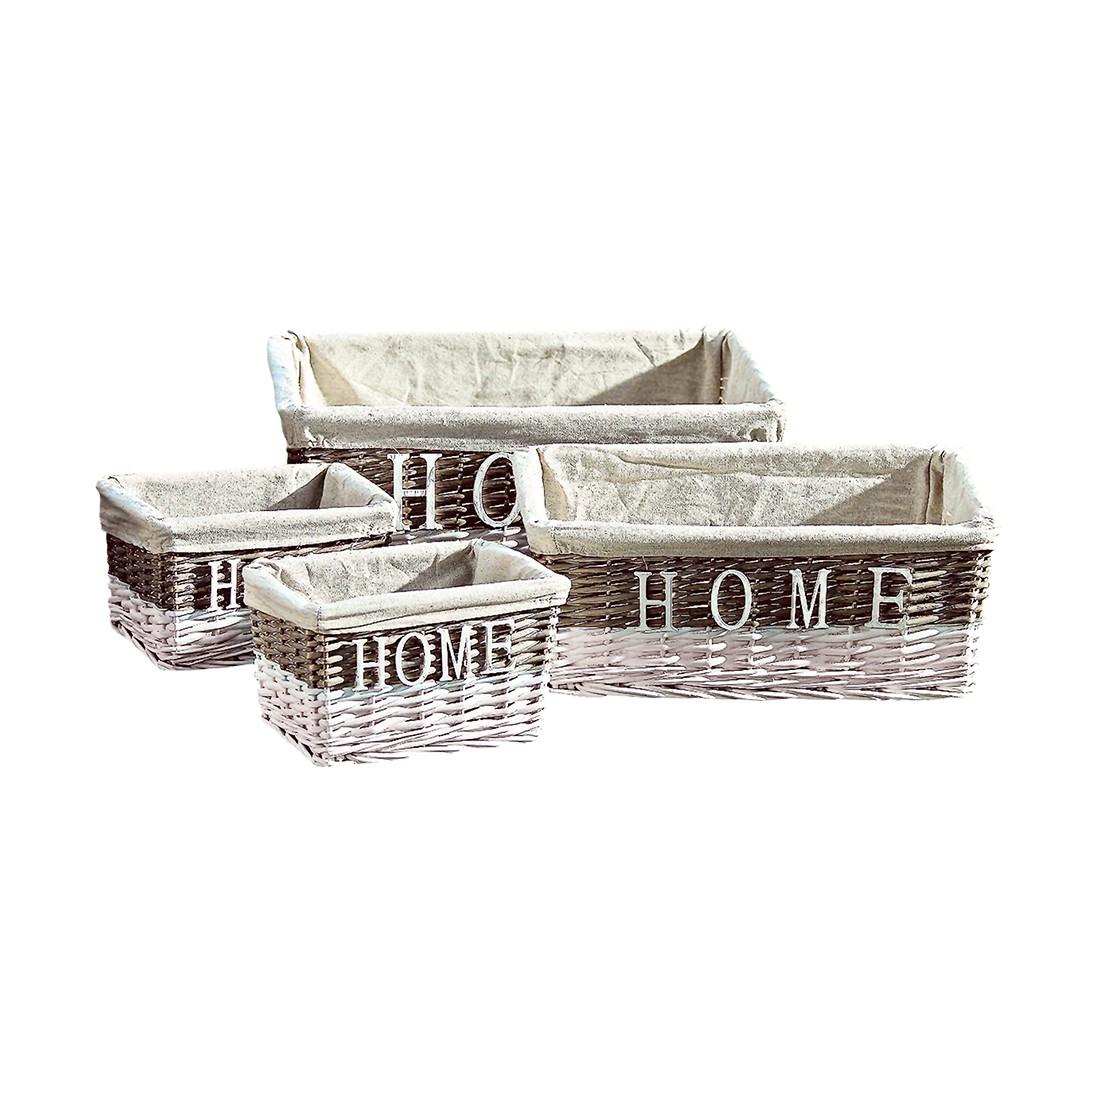 Korbset Home – Weide Braun / Weiß – 26 cm 20 cm 15 cm, Boltze günstig kaufen